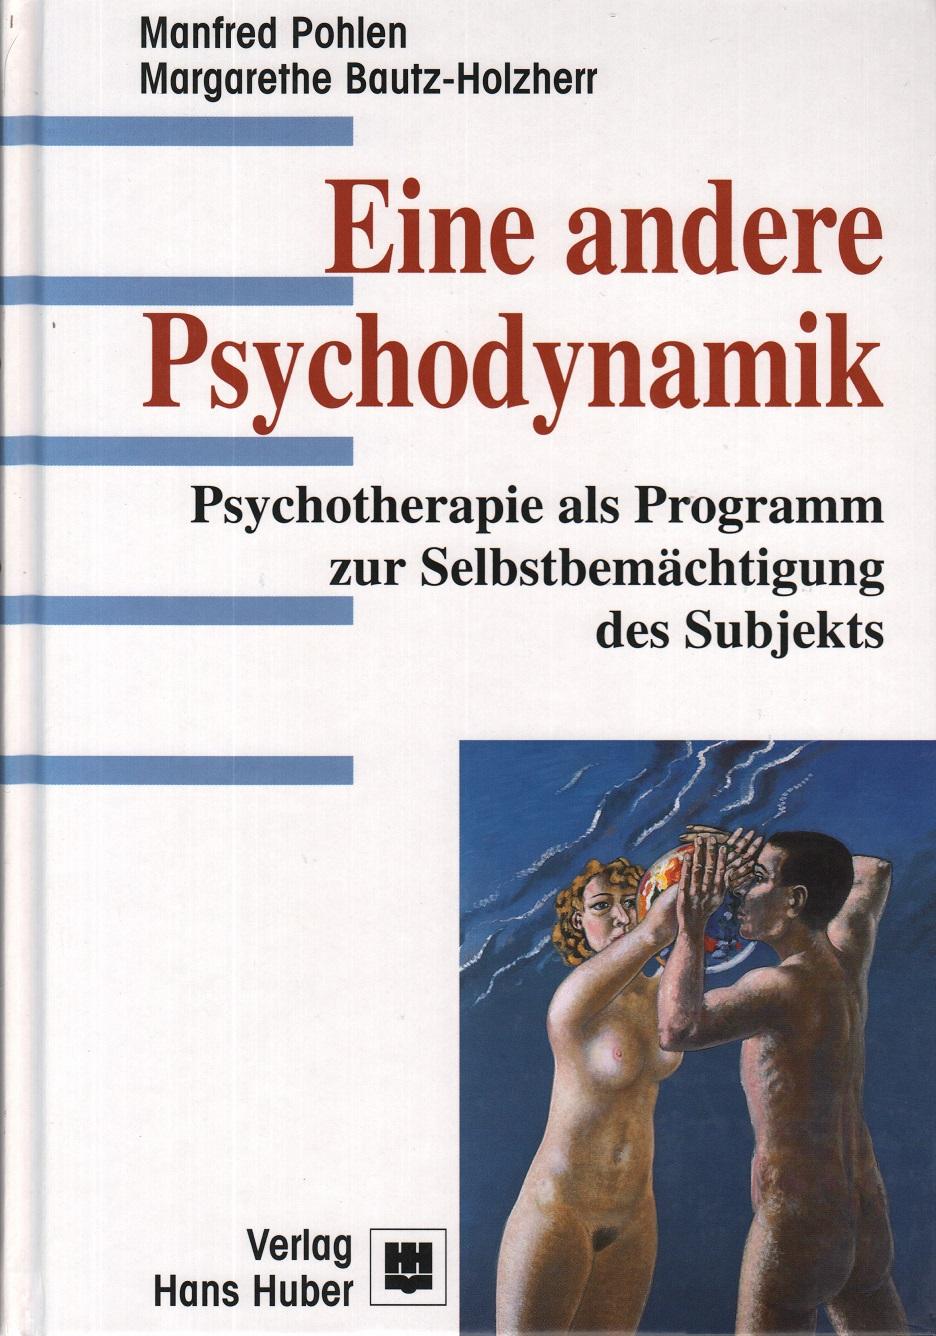 Eine andere Psychodynamik